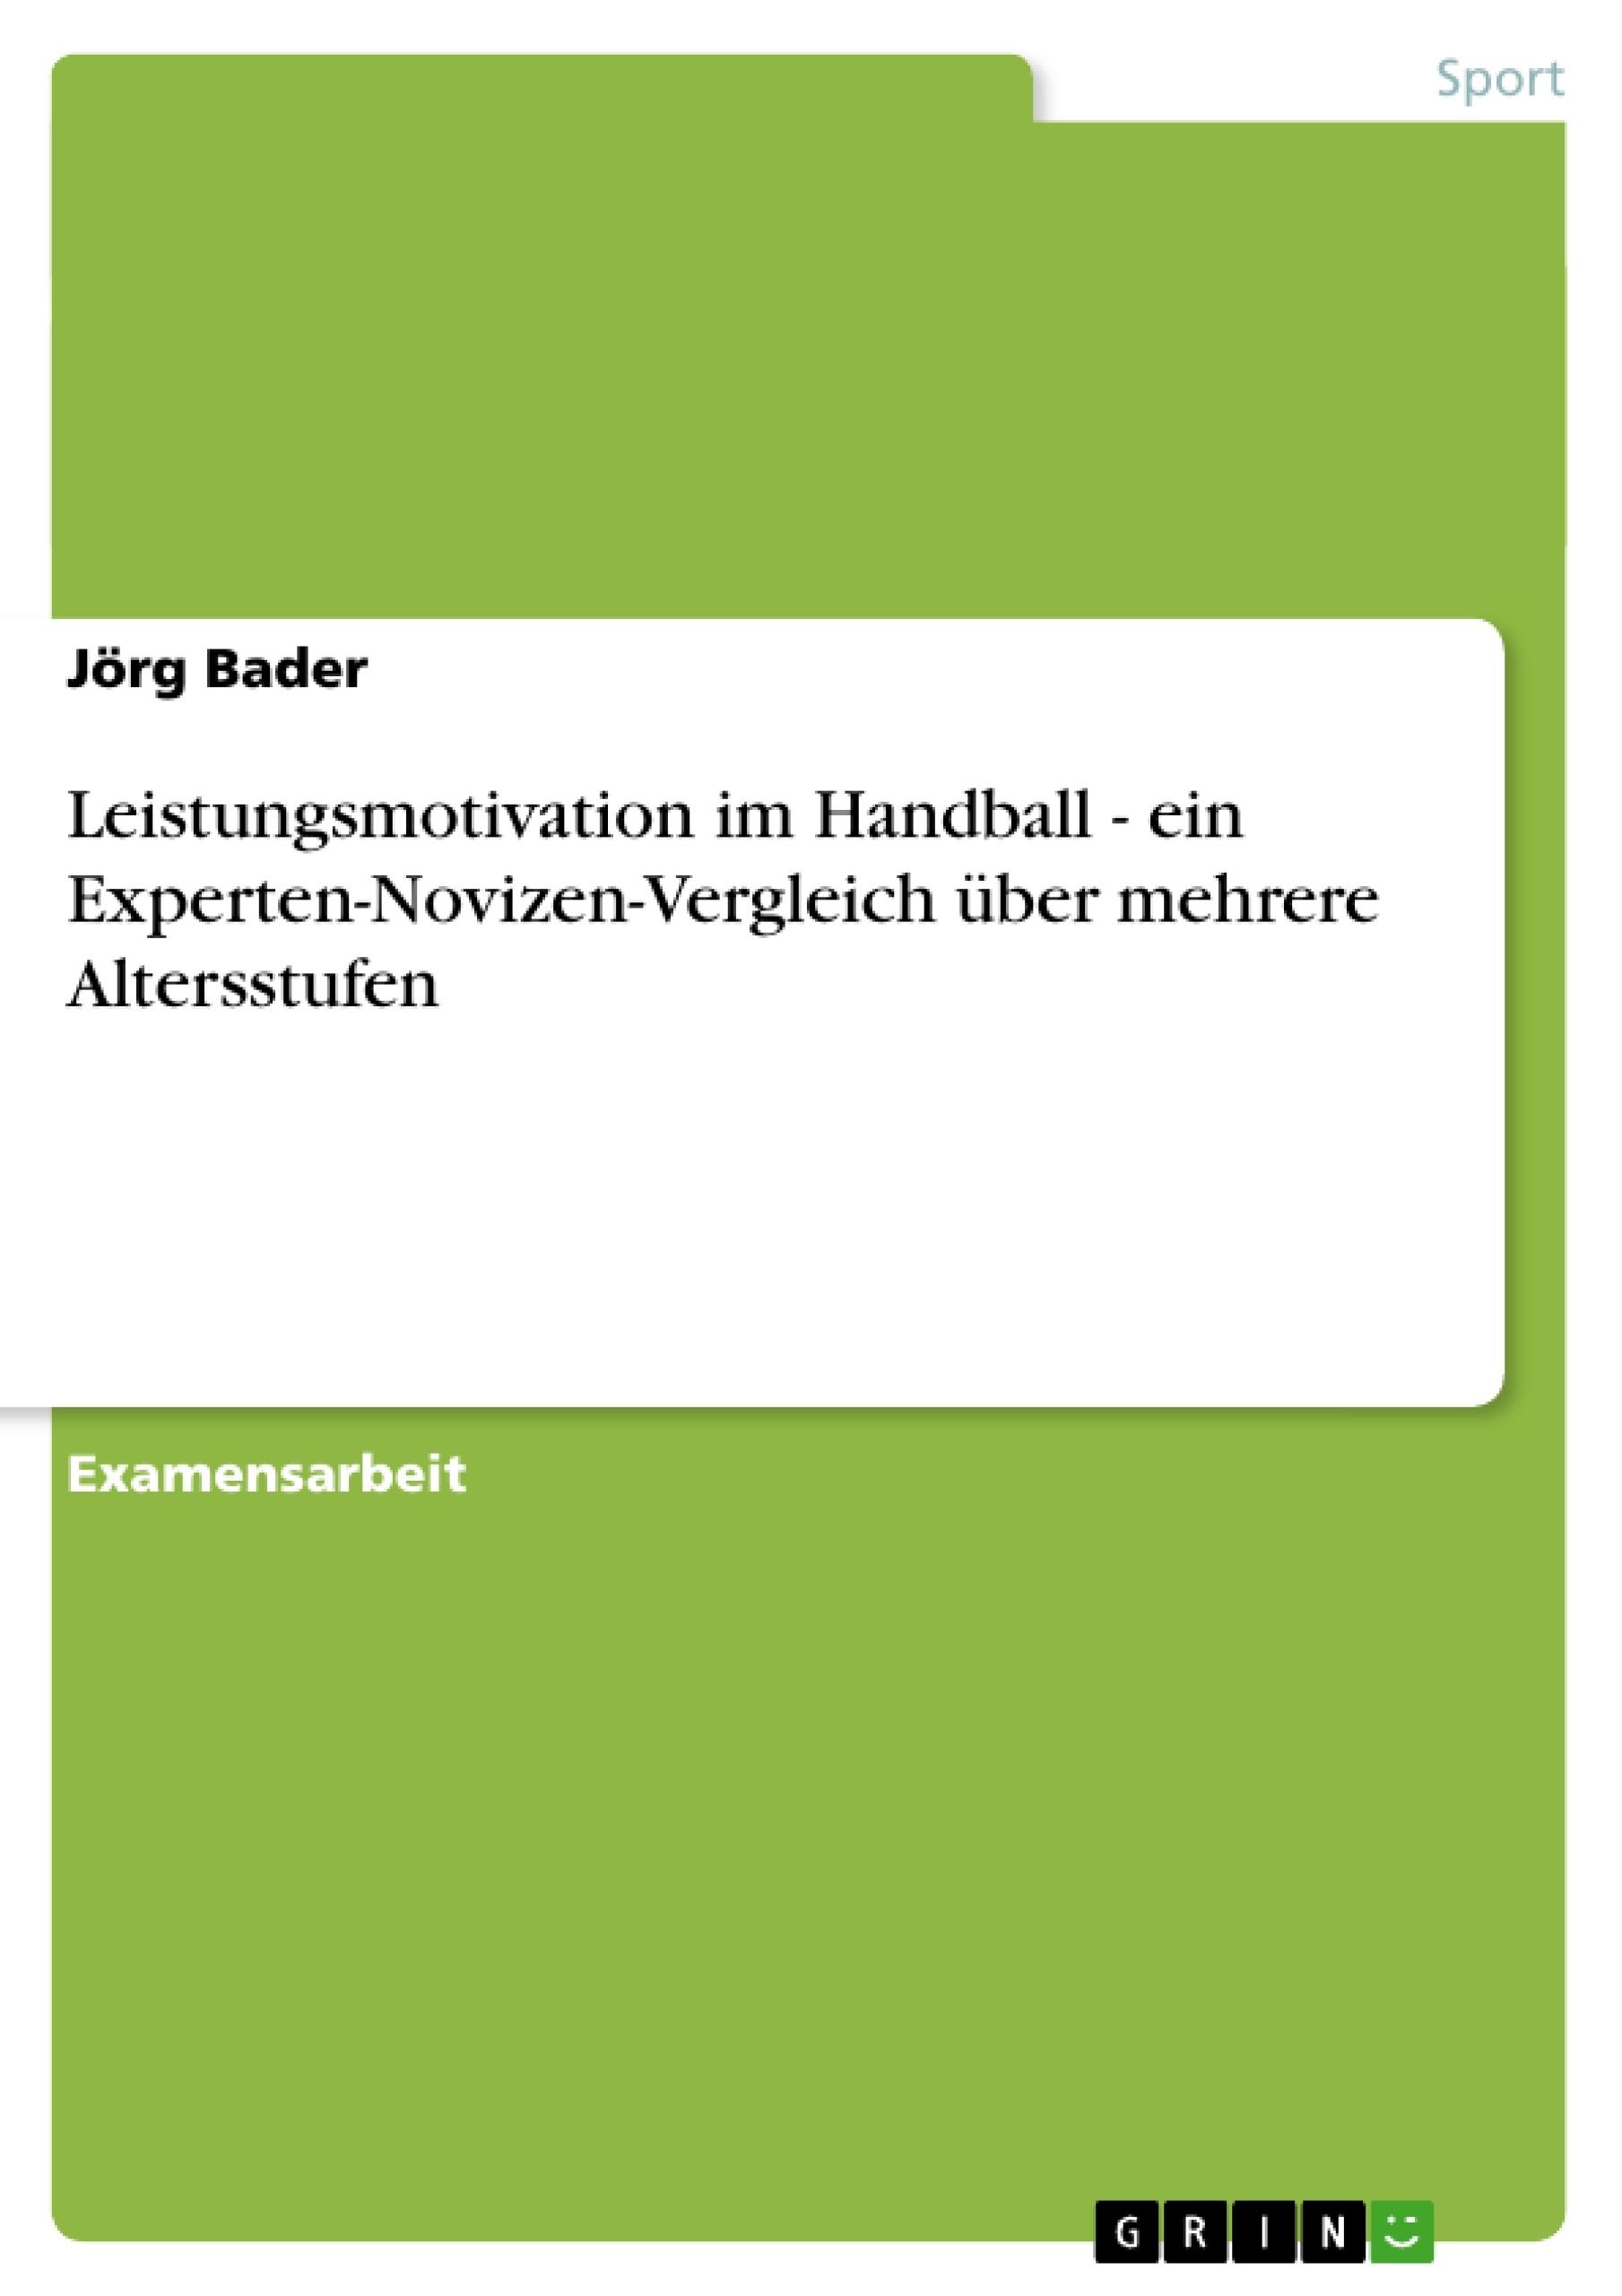 Titel: Leistungsmotivation im Handball - ein Experten-Novizen-Vergleich über mehrere Altersstufen